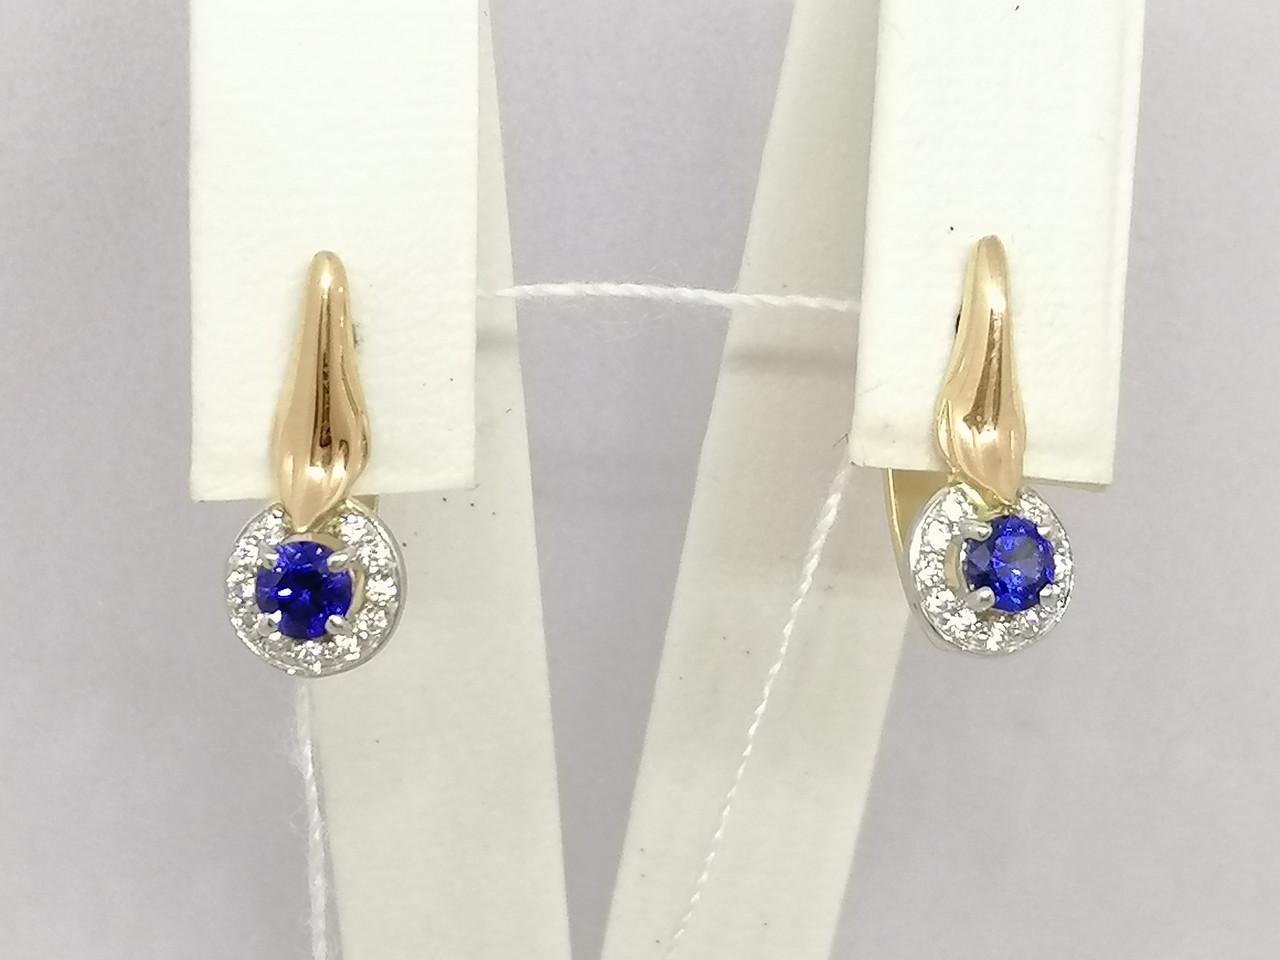 Золотые серьги с синим корундом и фианитами. Артикул 700163-СКСФ